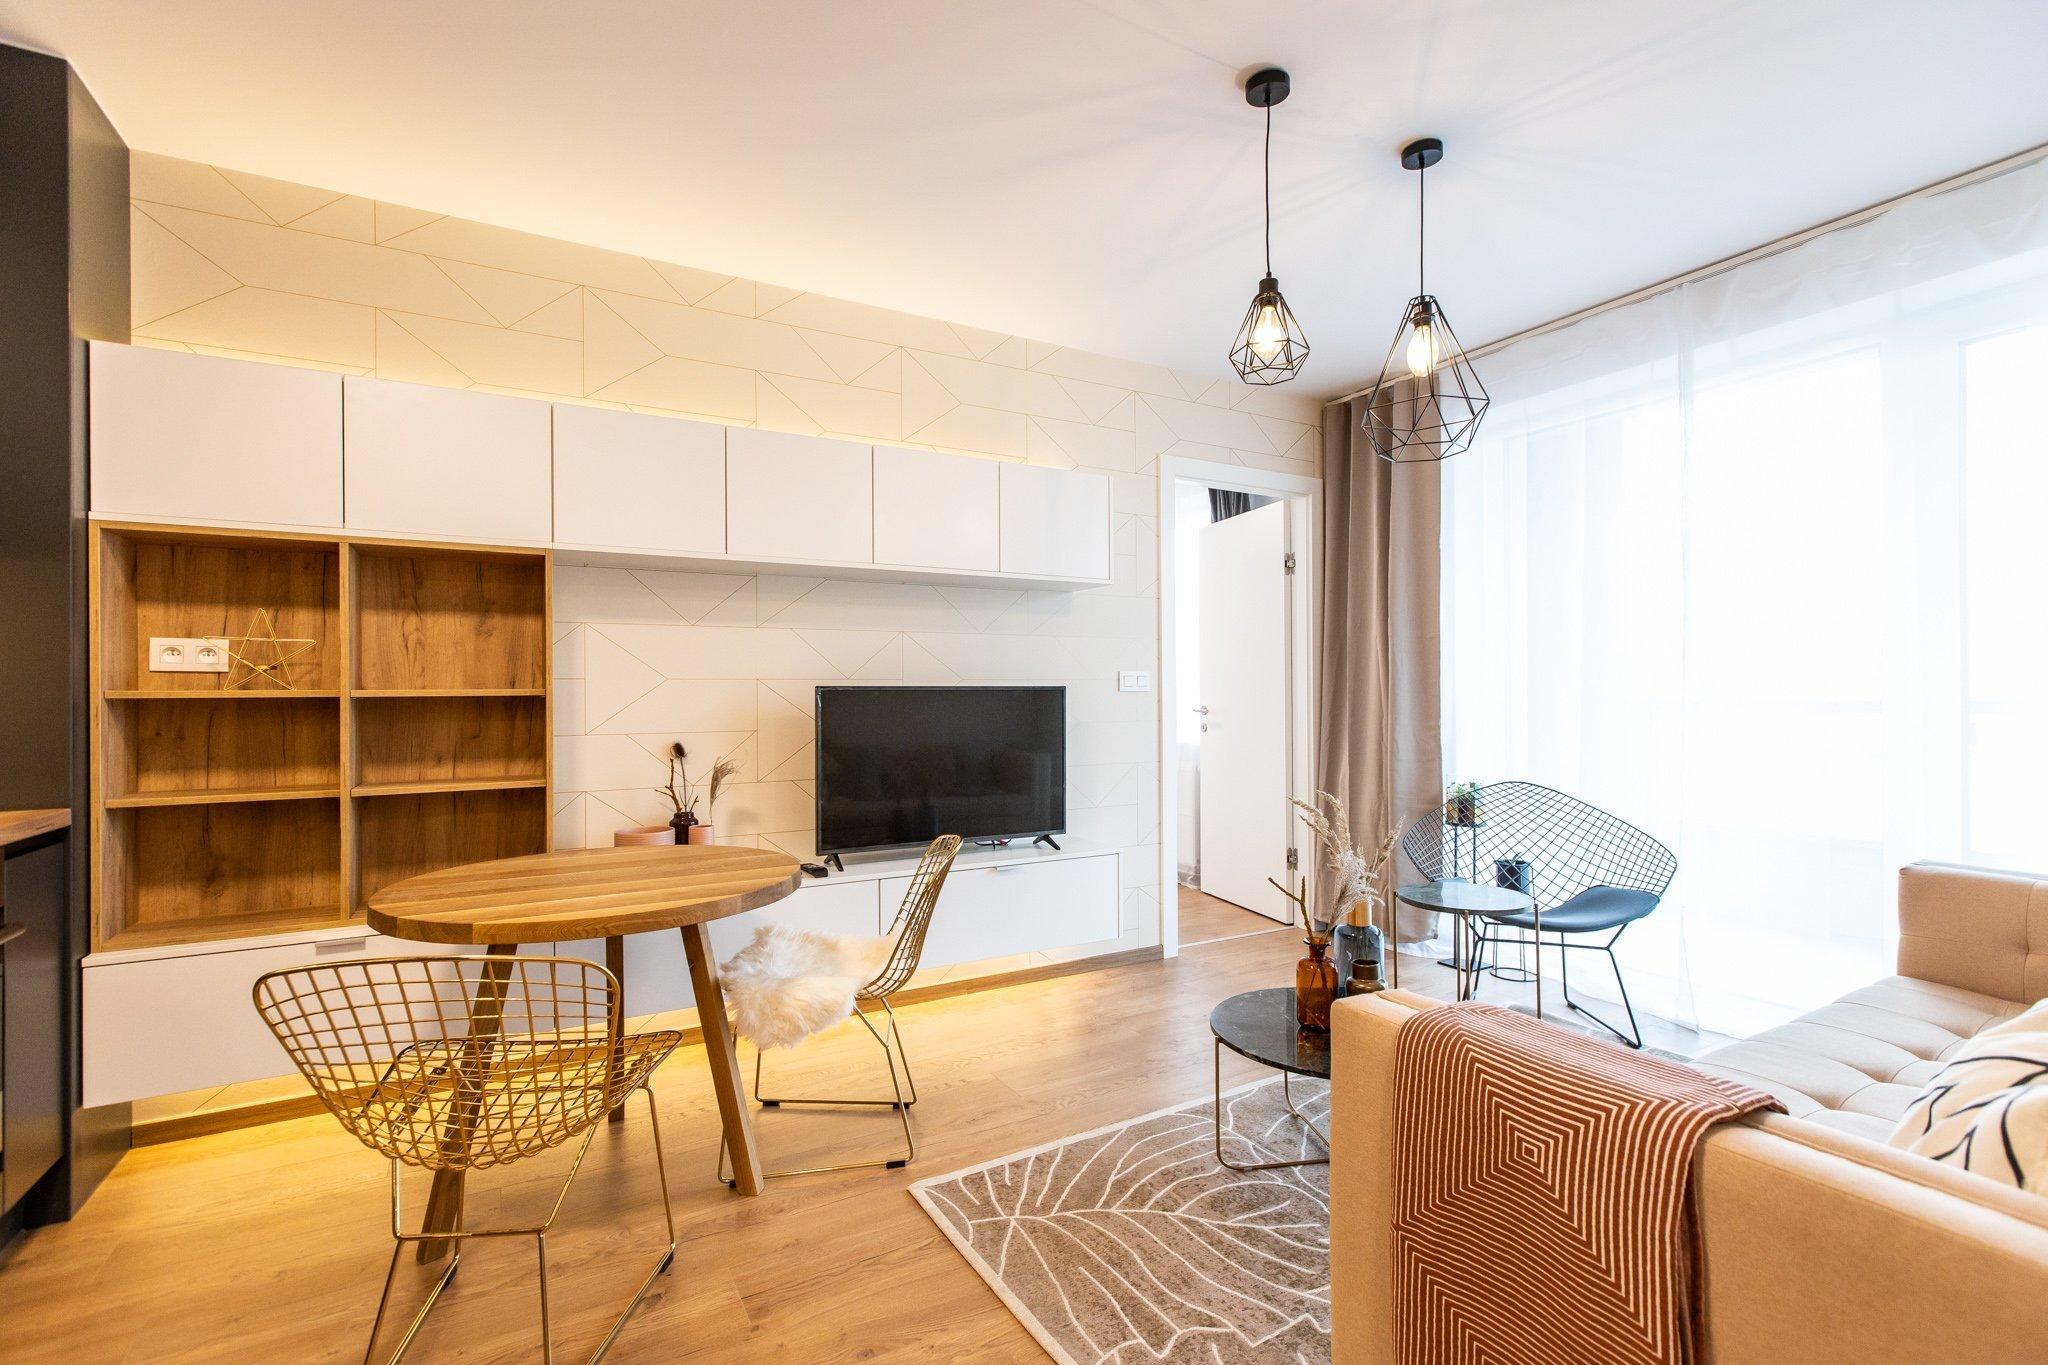 Krásna realizácia, ktorá dokonale prepája antracitovú kuchyňu s bielou obývacou zostavou.